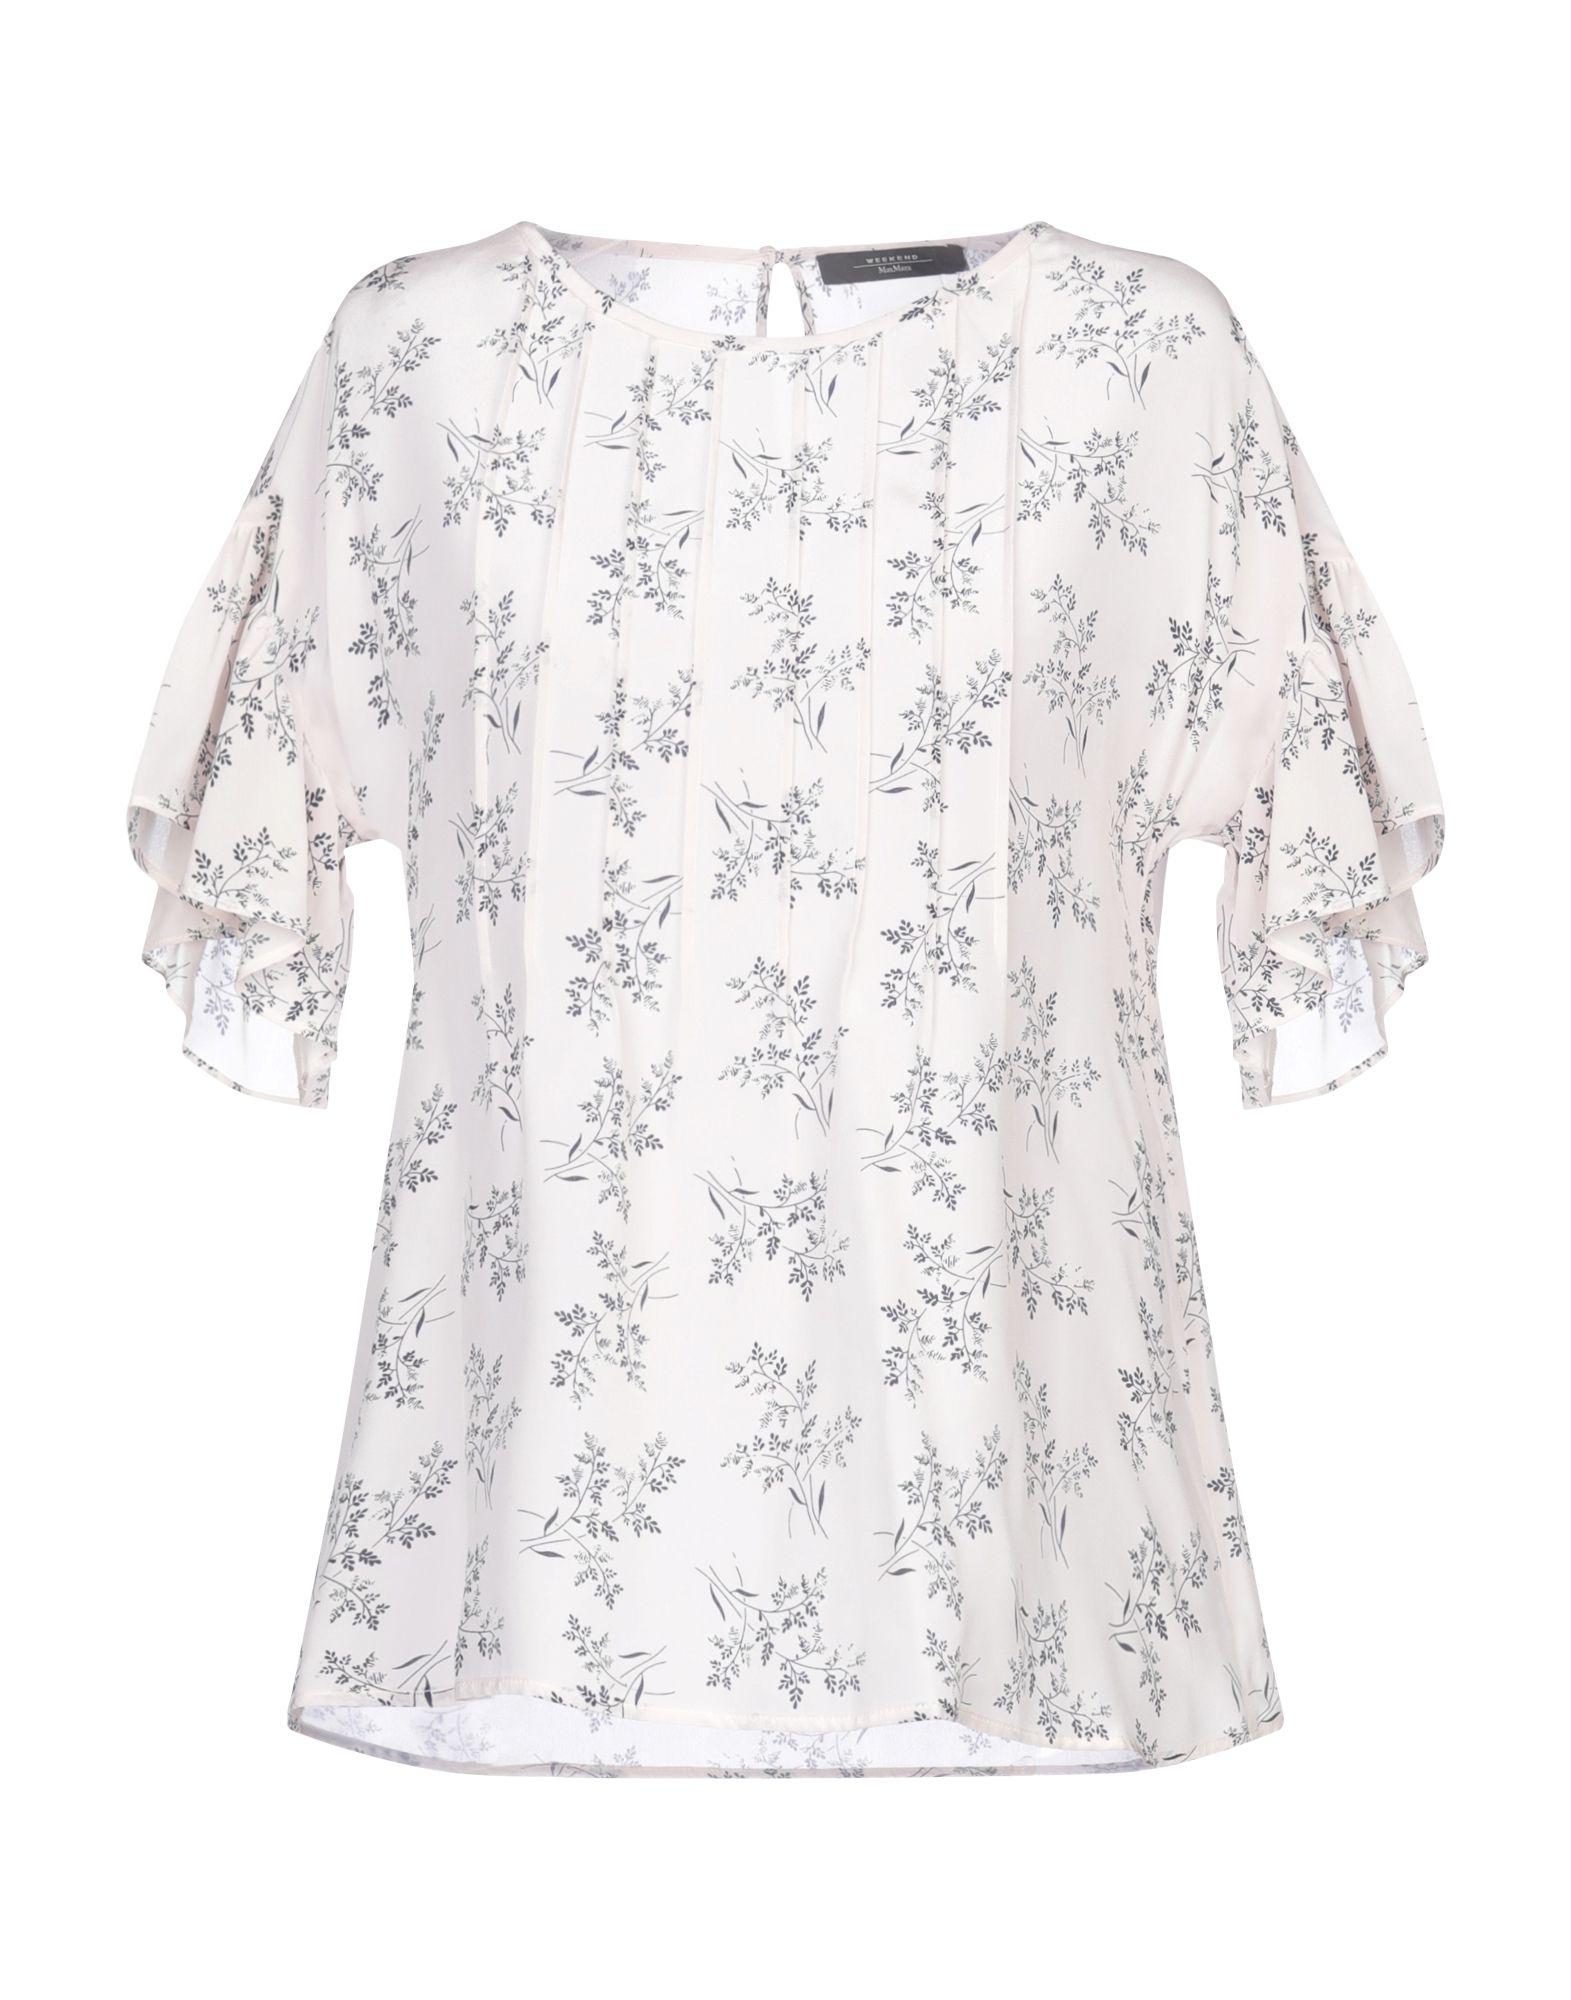 WEEKEND MAX MARA Блузка шифоновая блузка в цветочный принт